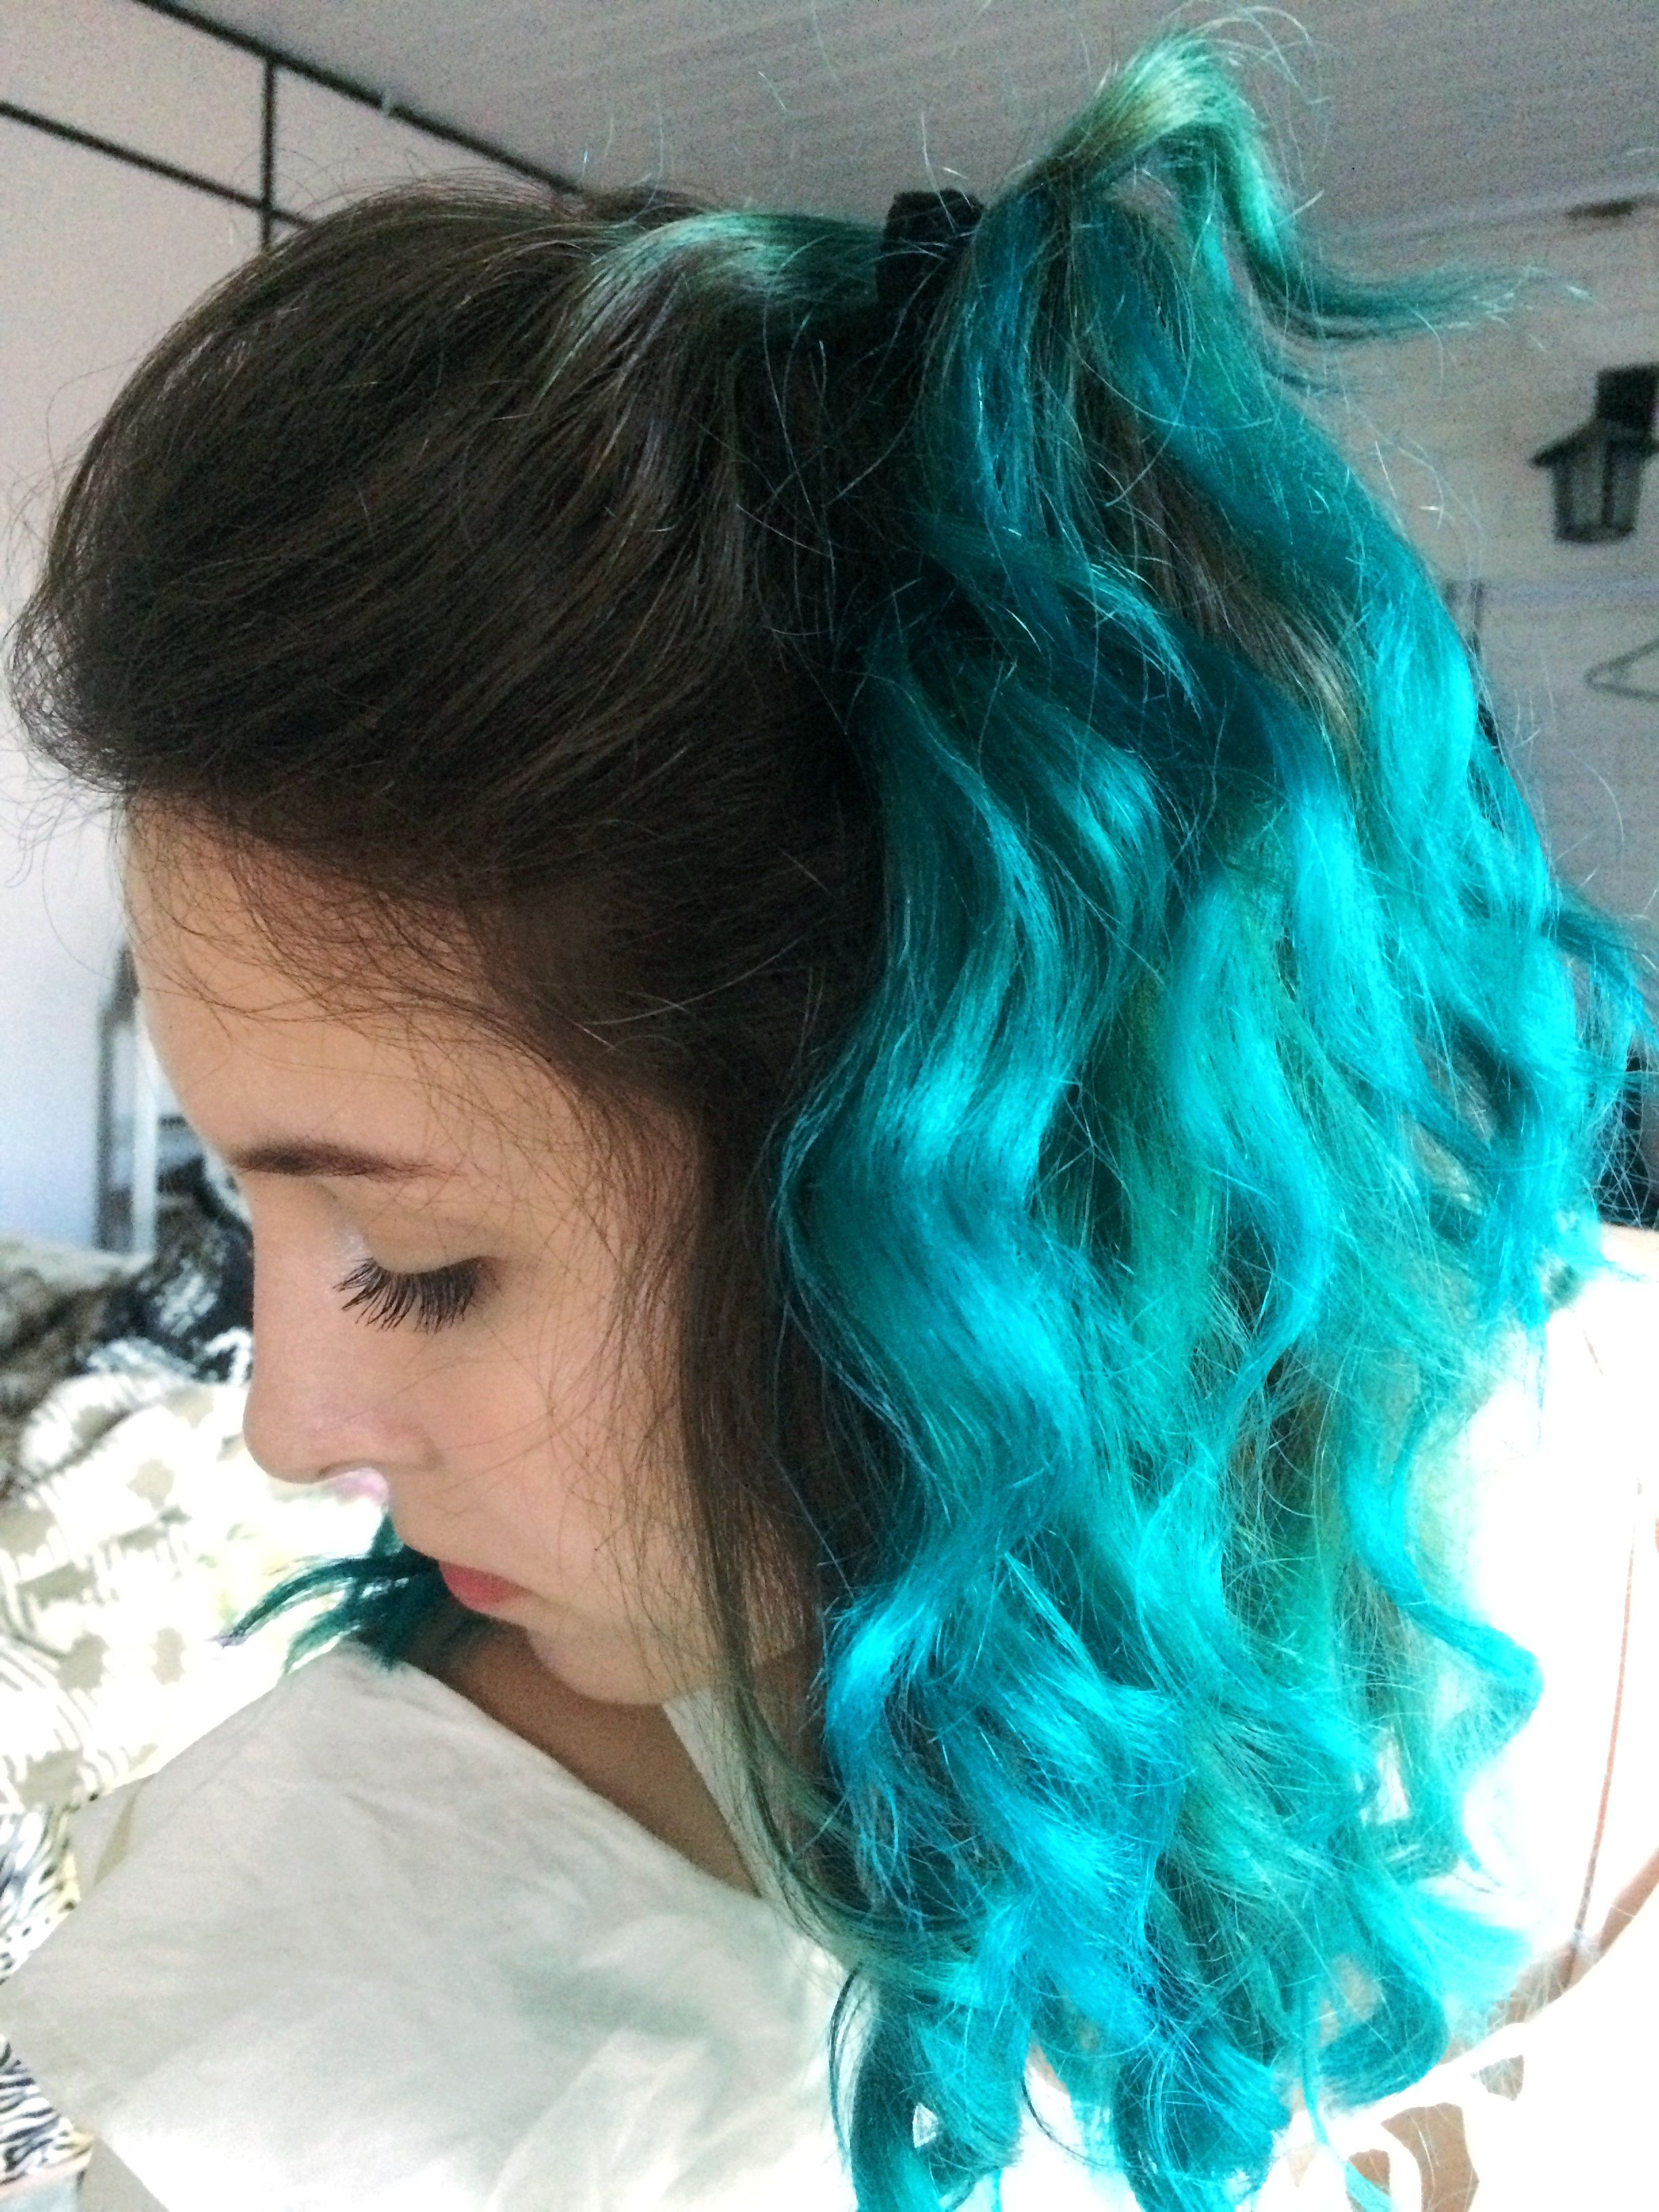 Blue hair turquoise hair  hair stuff  Pinterest  Turquoise hair